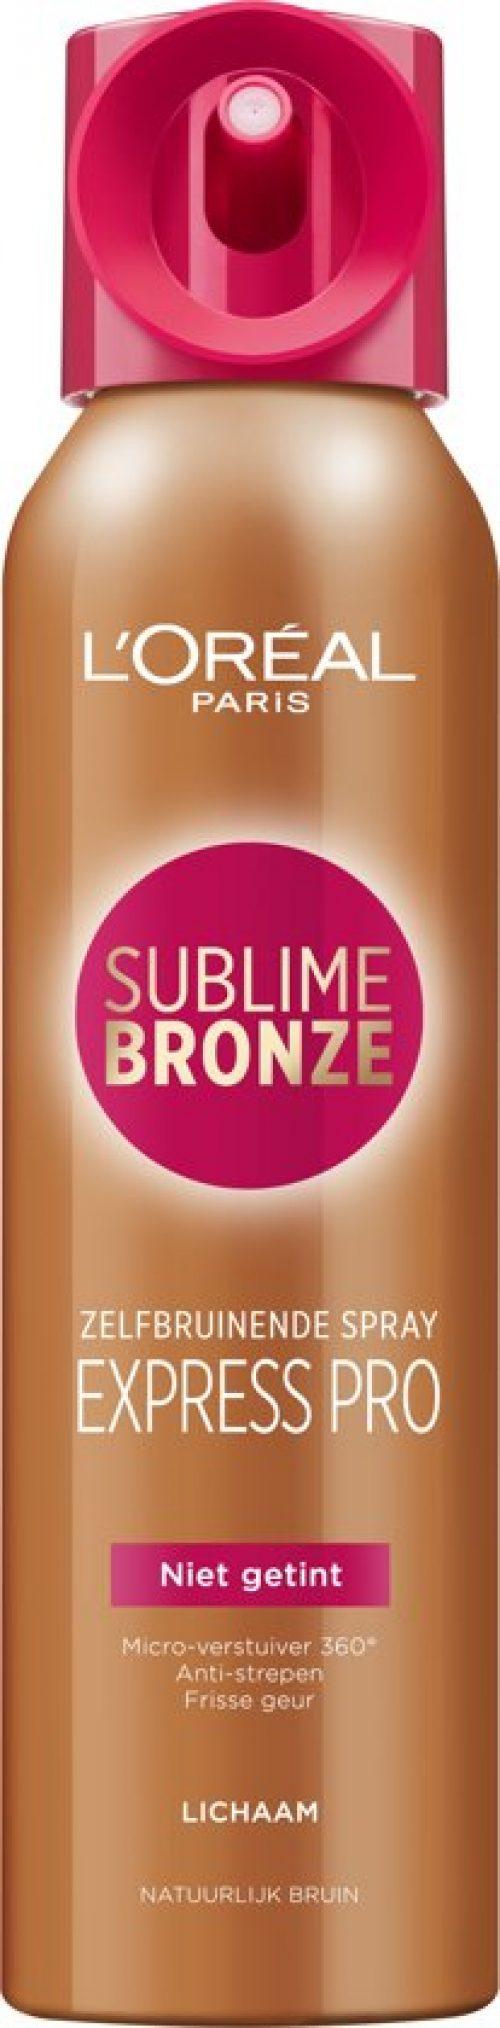 L'Oréal Paris Sublime Bronze Zelfbruinende Body Spray - Lichaam - 150ml - Zelfbruiner